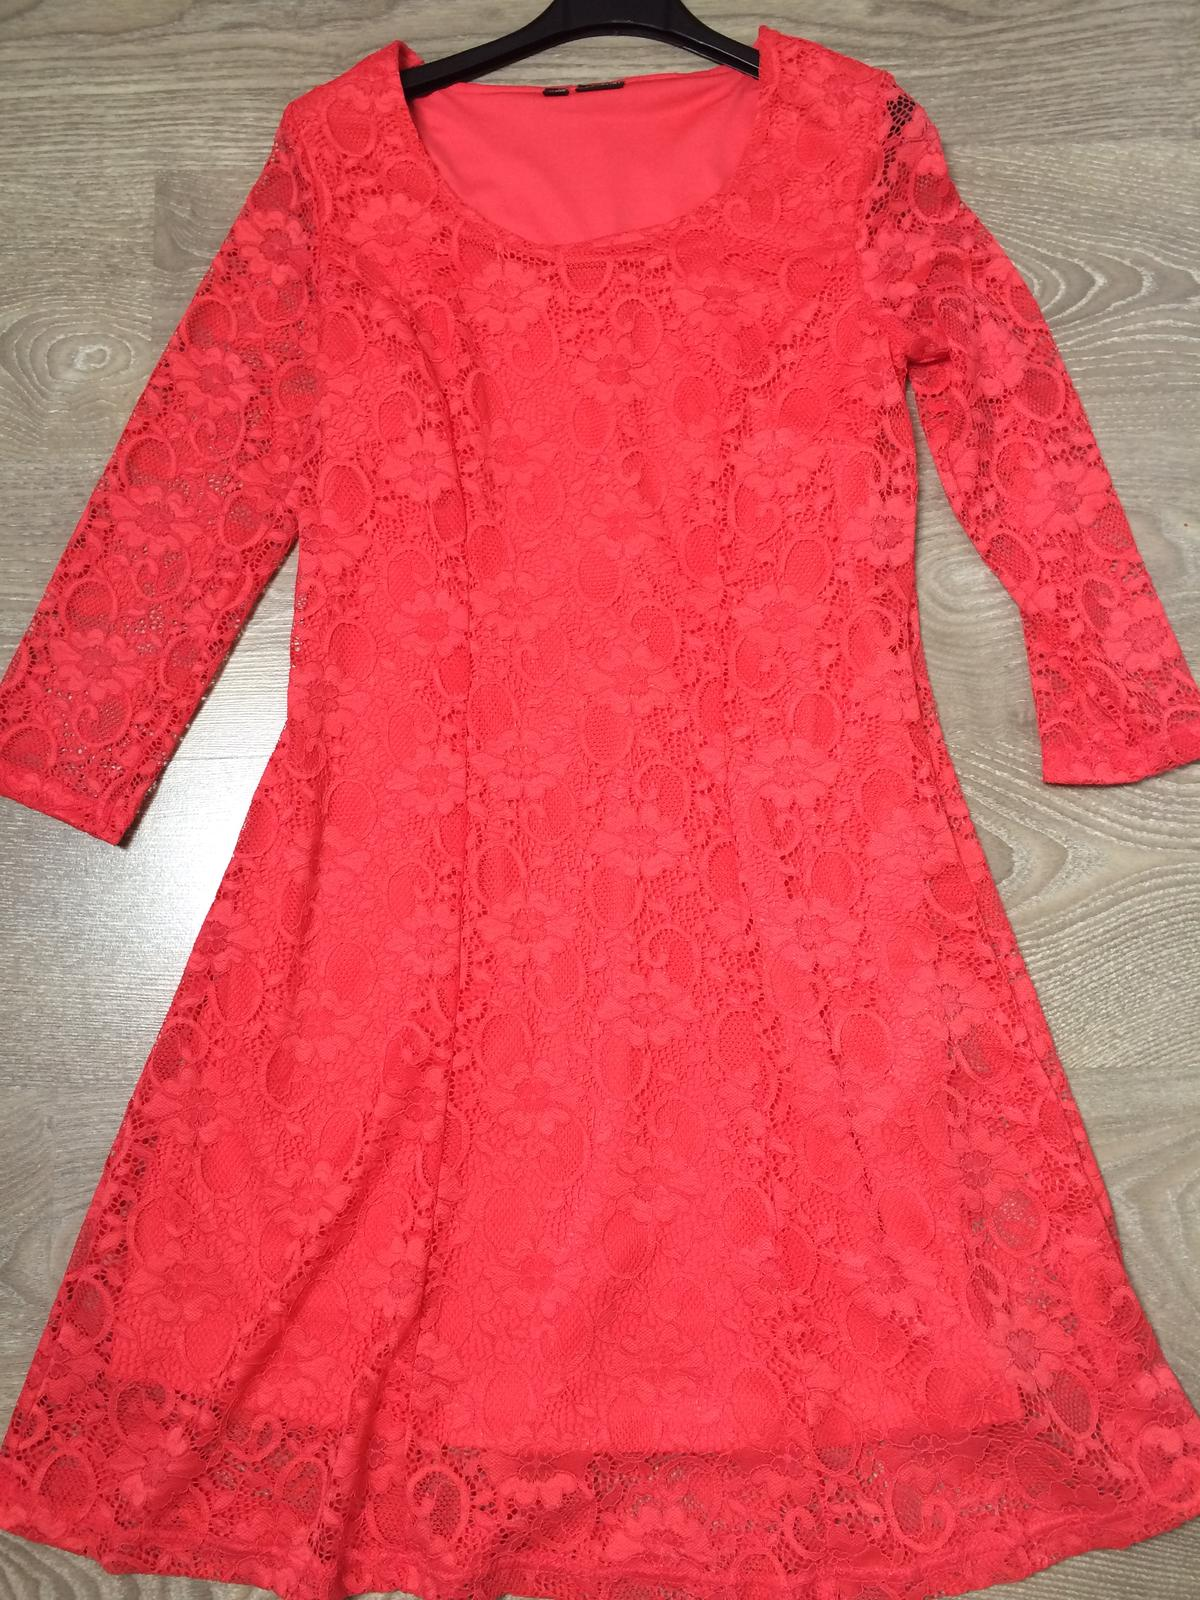 Korálové šaty - Obrázok č. 1